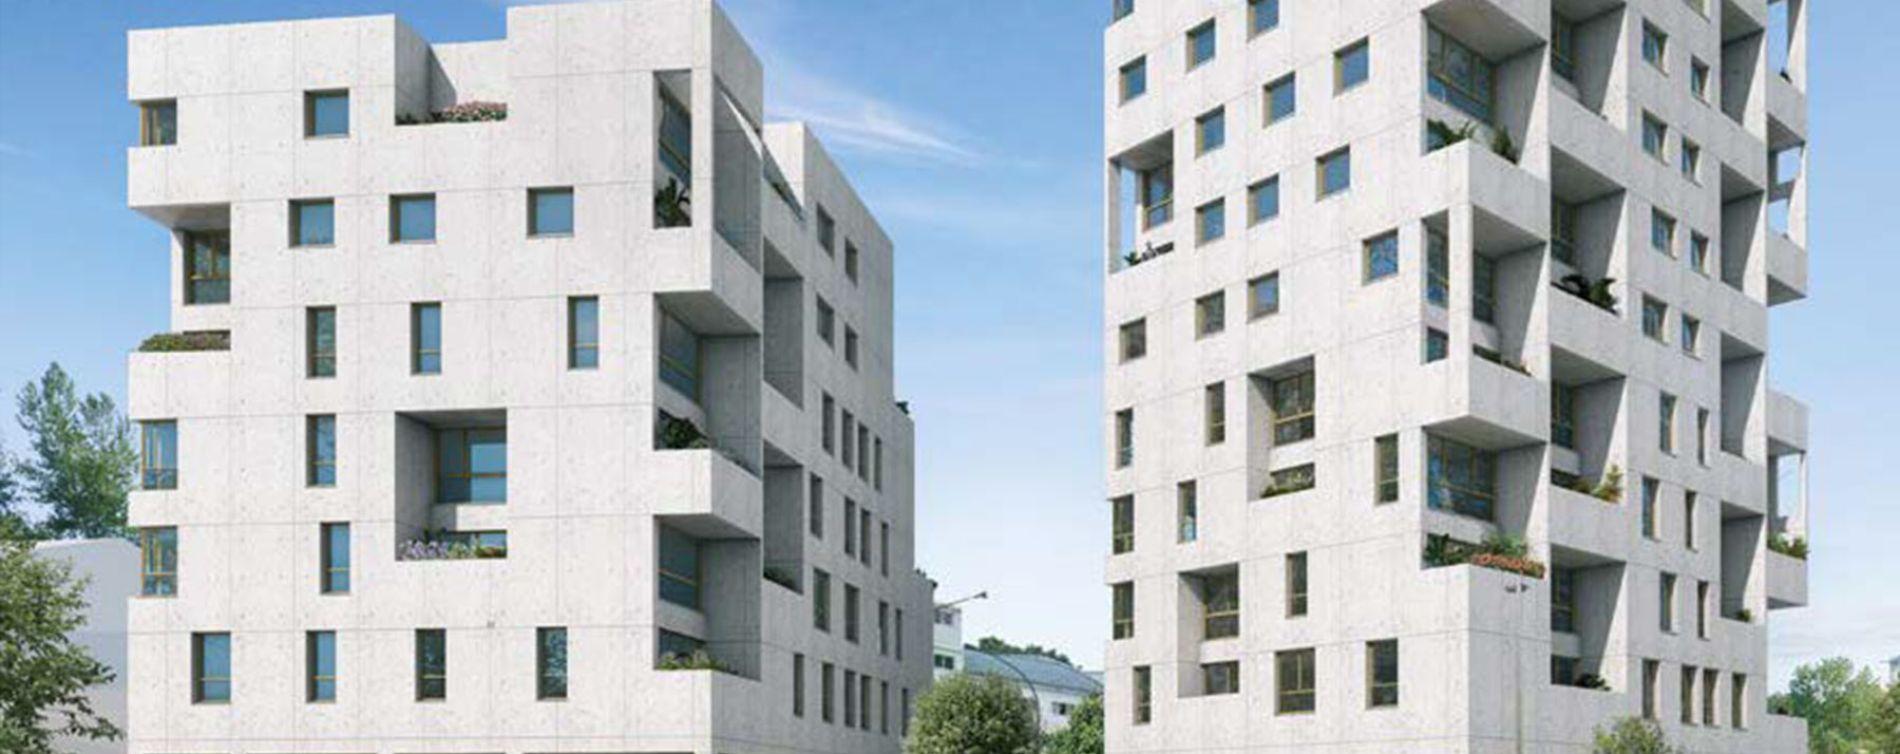 Résidence Rive et Parc à Ivry-sur-Seine